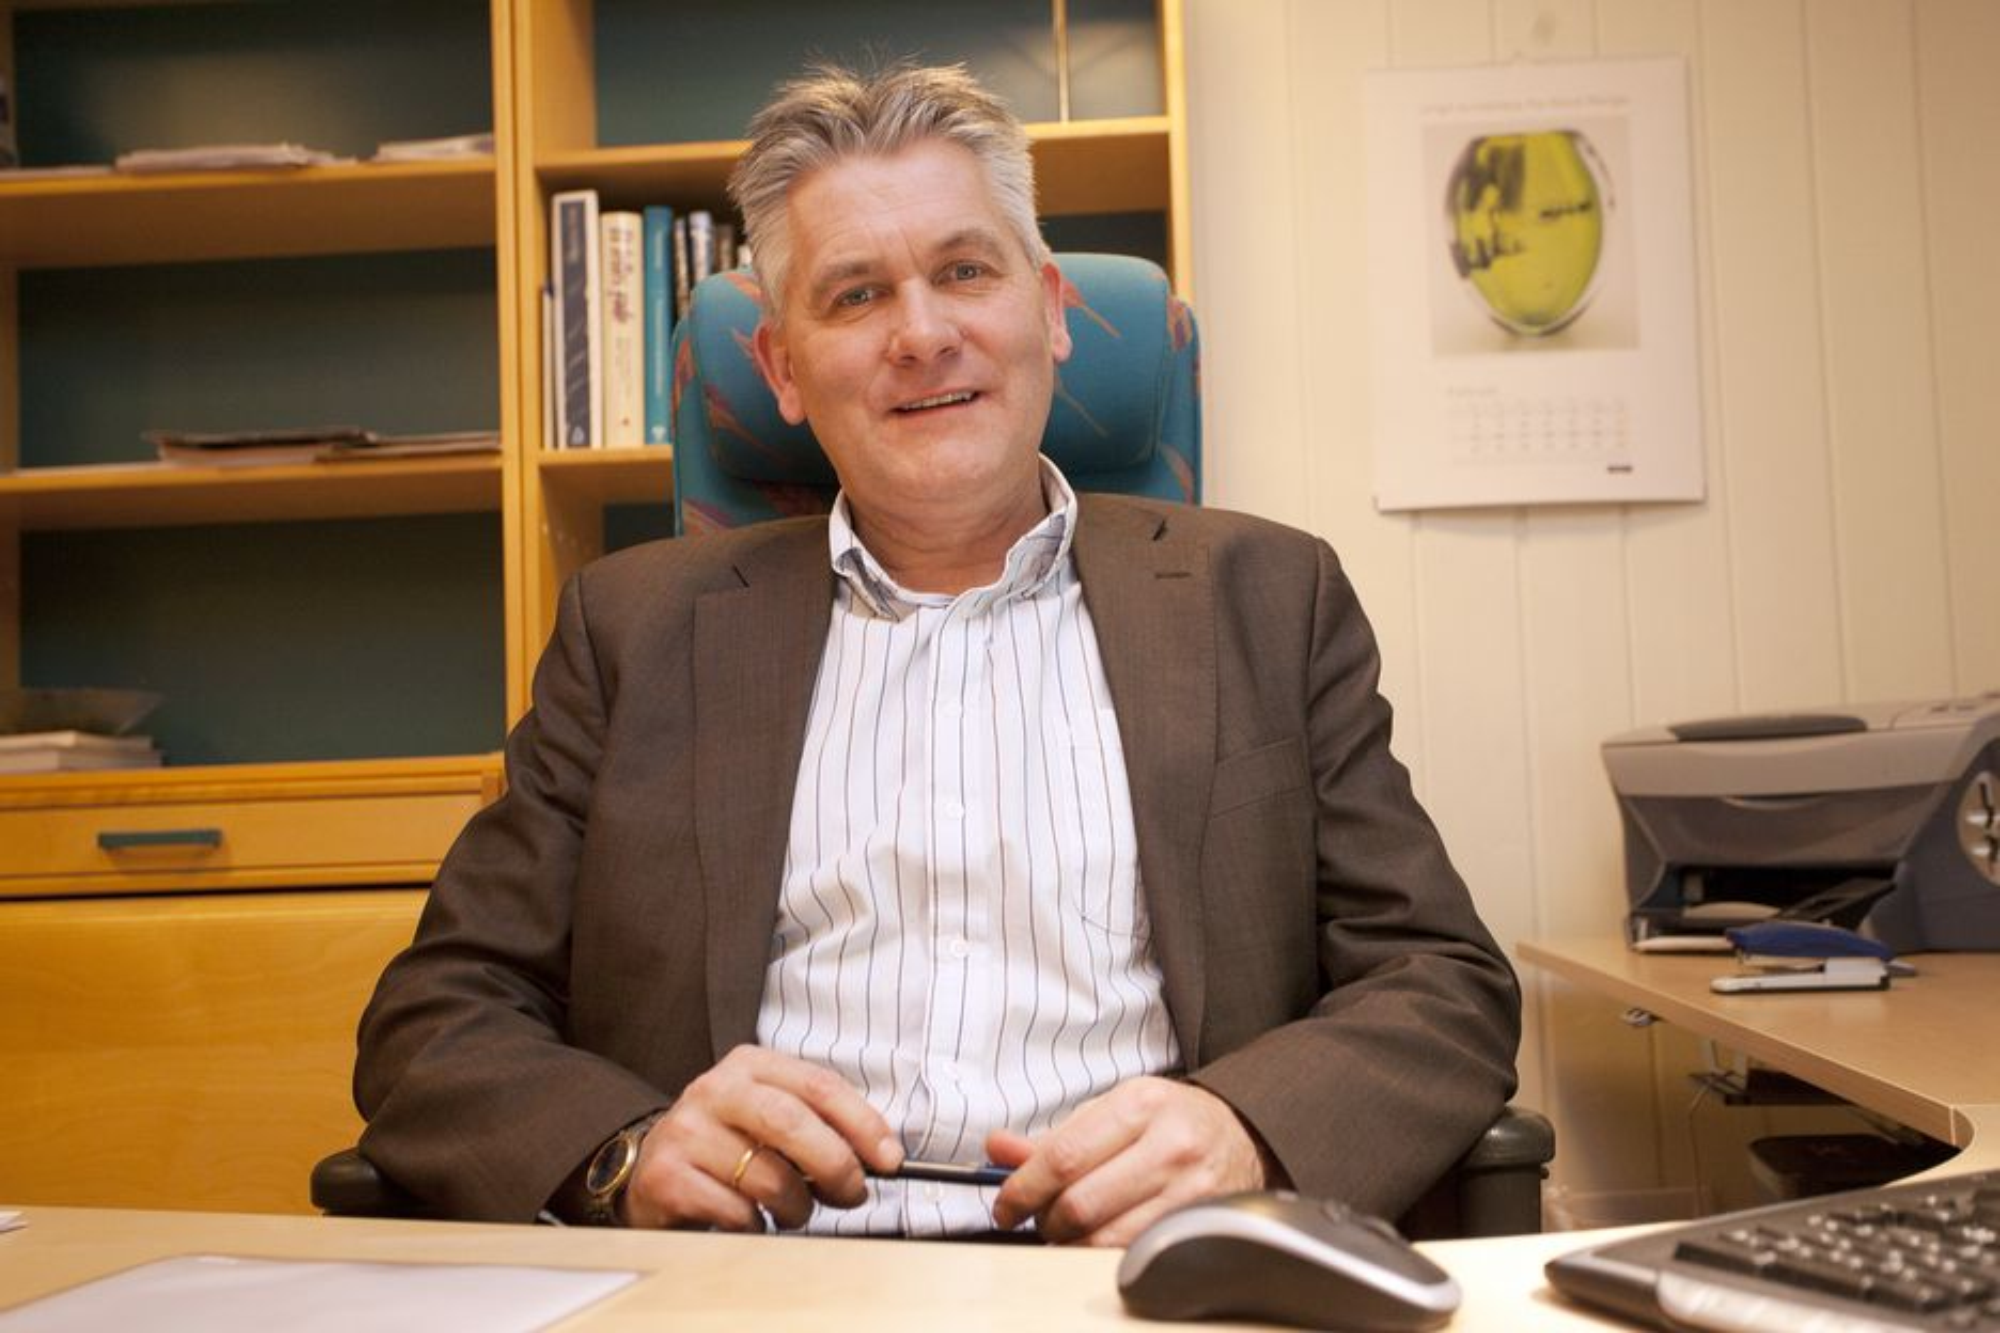 SKATTKAMMER: - Nordområdesatsingen vil tvinge seg frem. Nord-Norge er et skattkammer med olje, gass og bergressurser, sier konsernsjef Oddbjørn Schei i Troms Kraft.